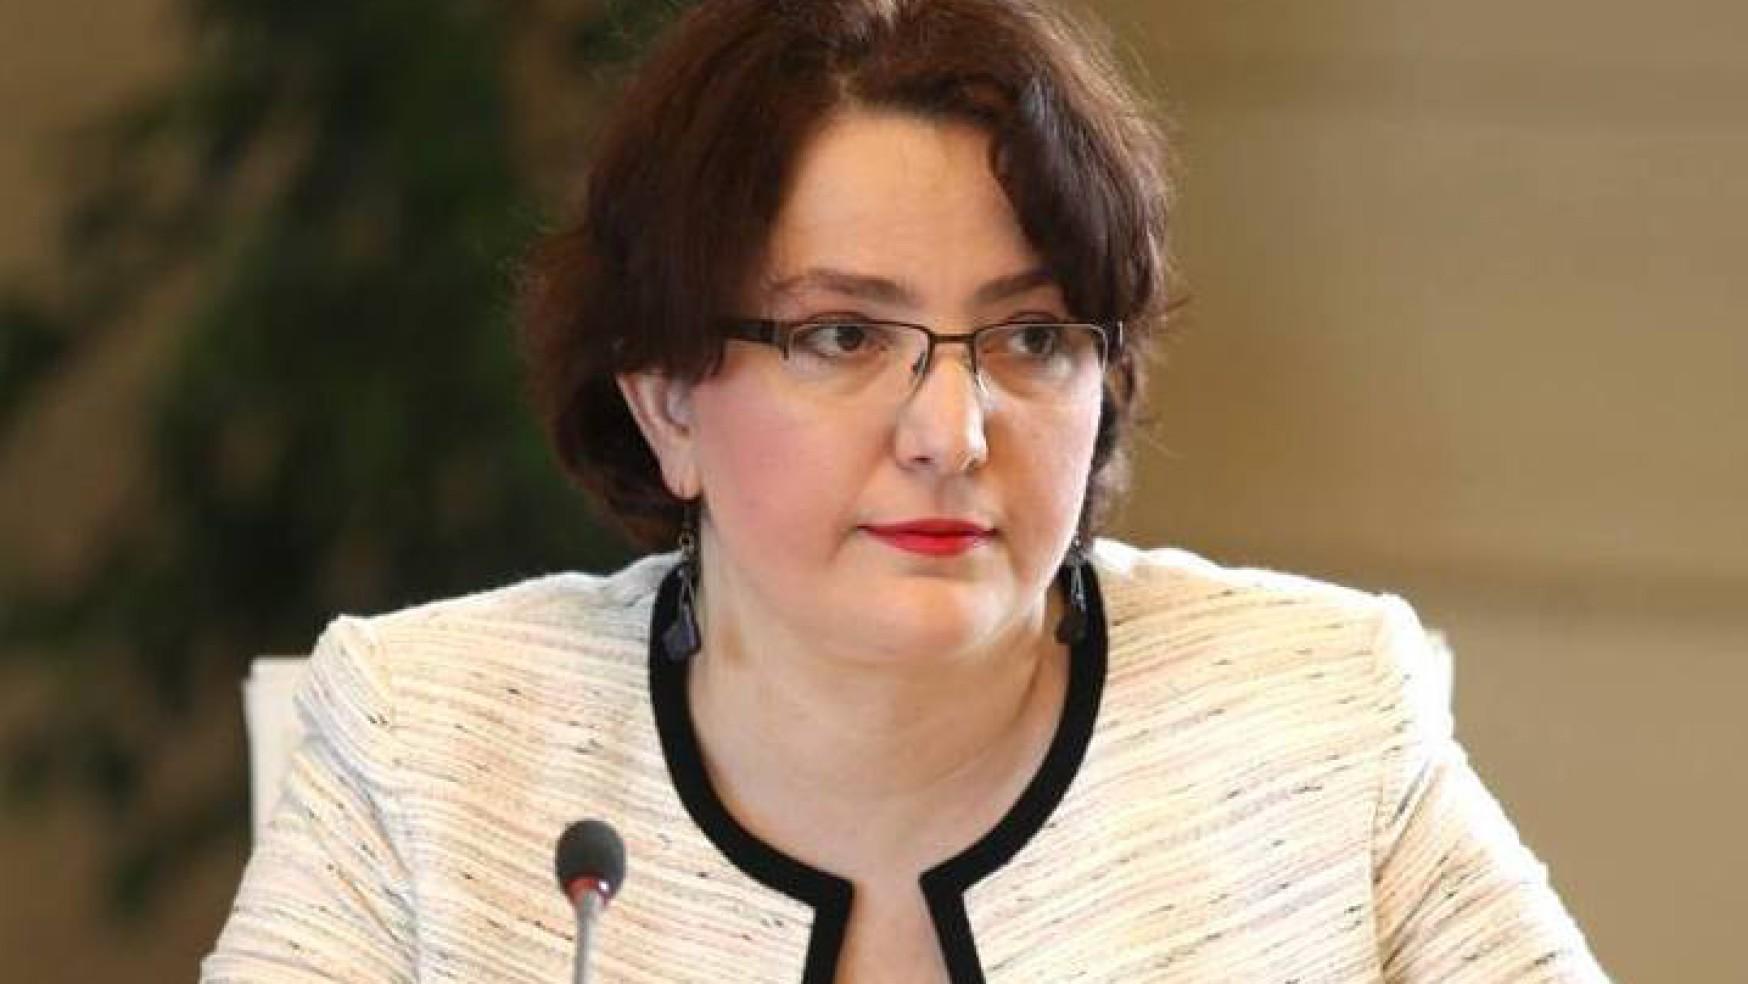 თინა ხიდაშელი: რუსეთის ხელისუფლებას ამოცანად აქვს დასახული ნატო-ს გაფართოებისთვის პრობლემის შექმნა